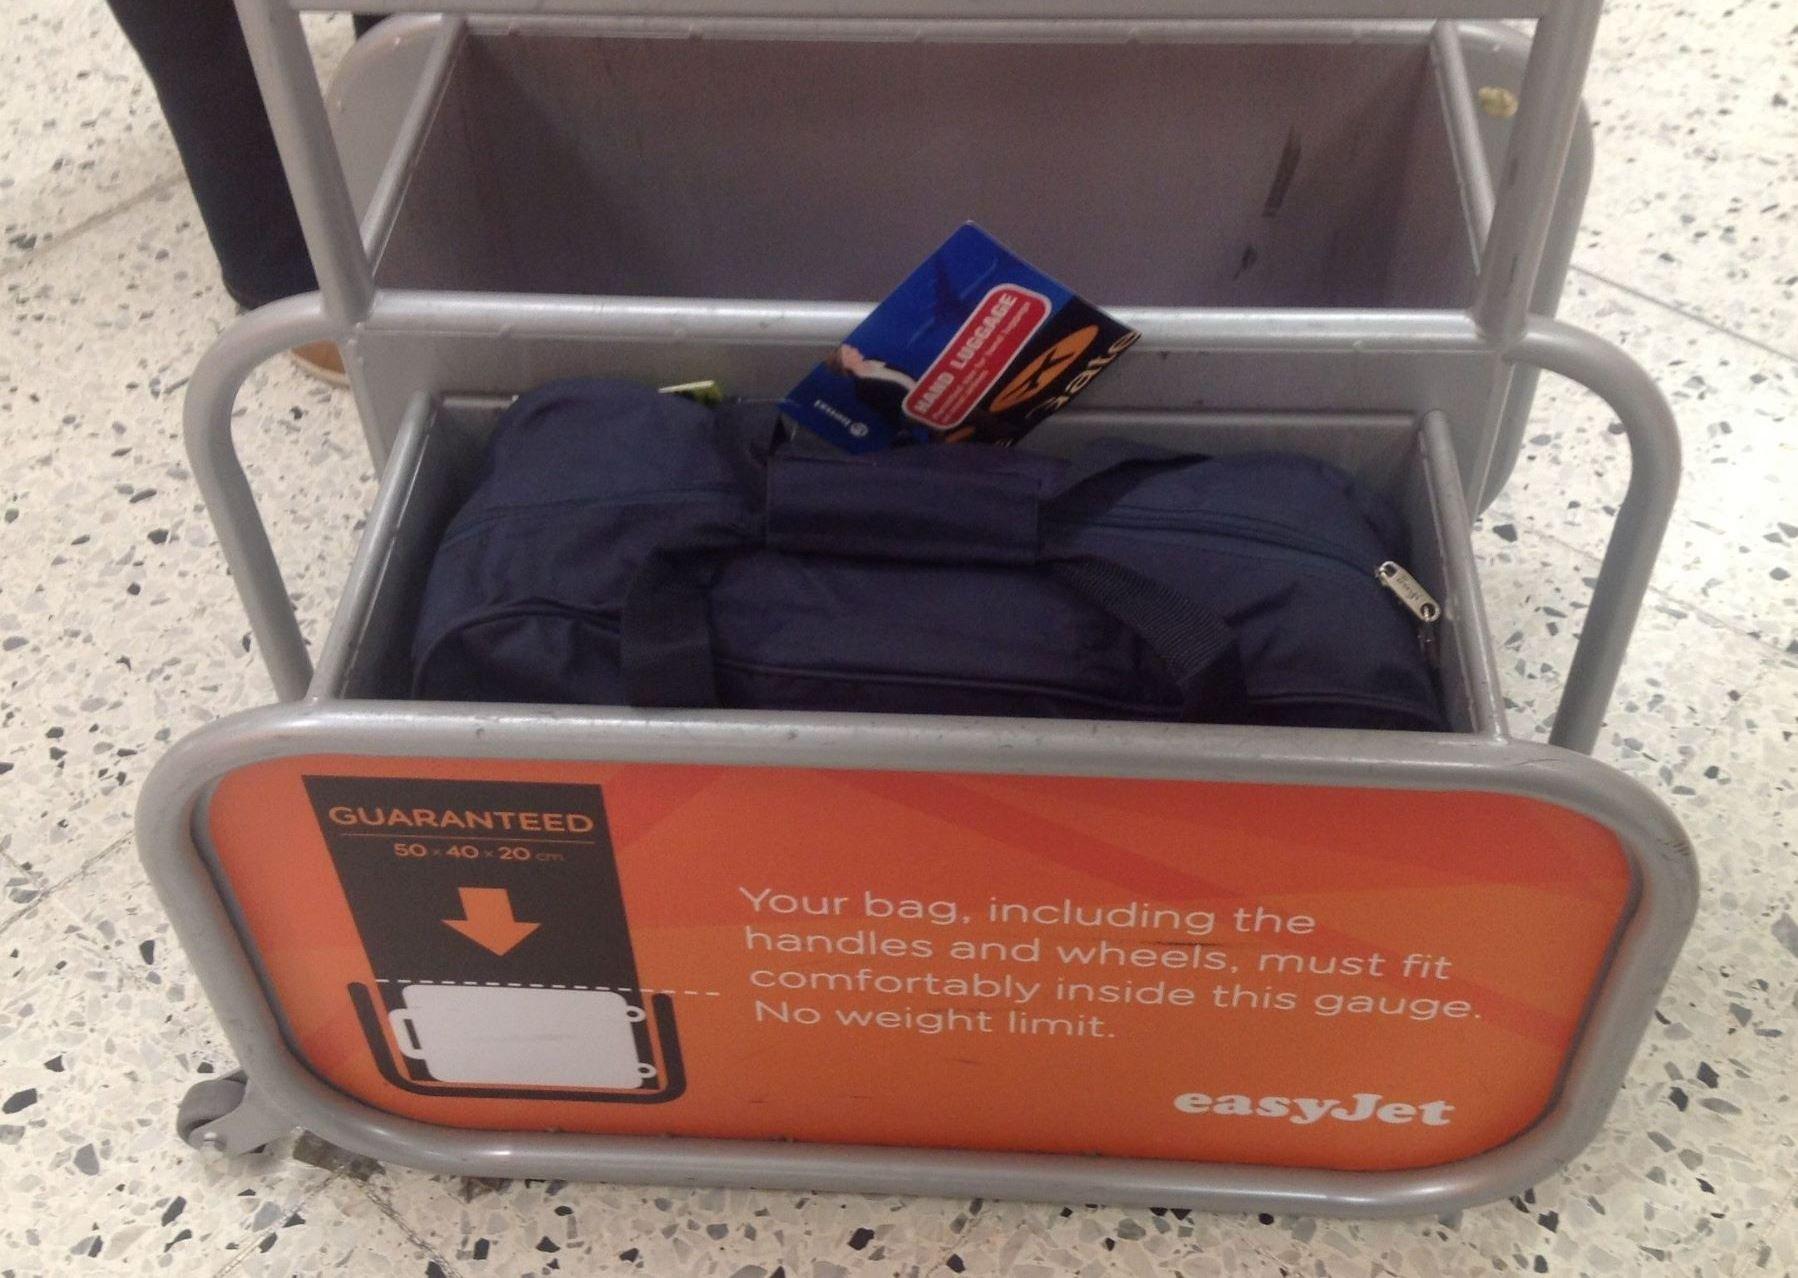 d60ae855100d Куда сложить ручную кладь  Сумка, рюкзак и чемодан для ручной клади ...